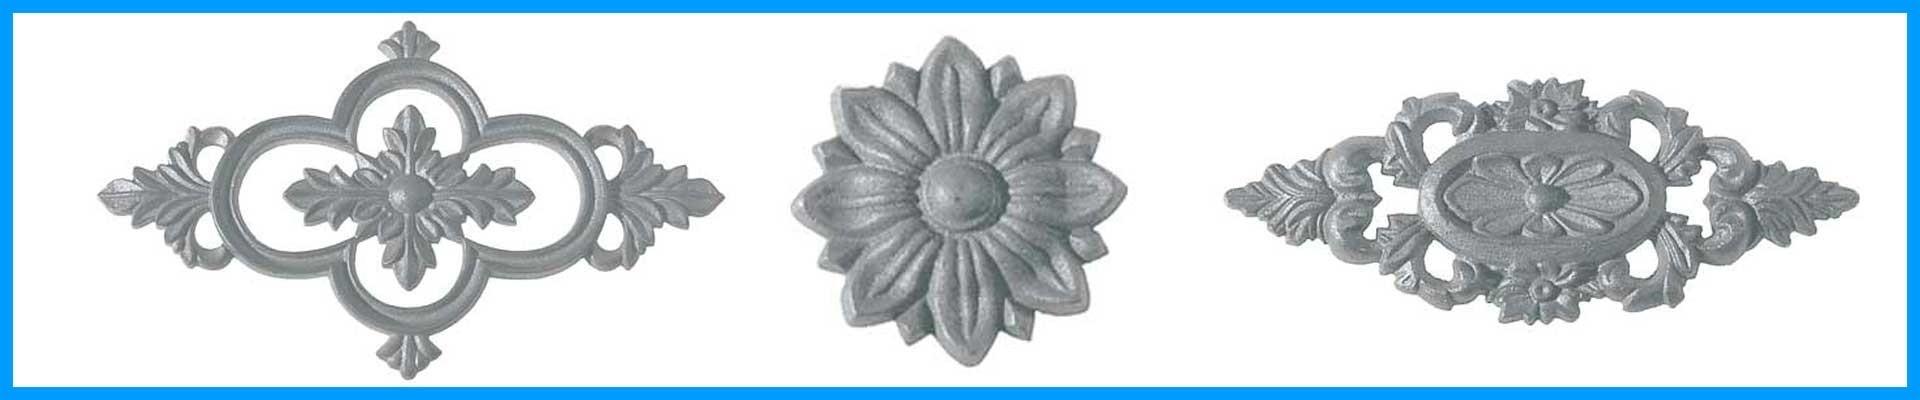 Plafones y Rosetones Ref. 09217 a Ref. 09244